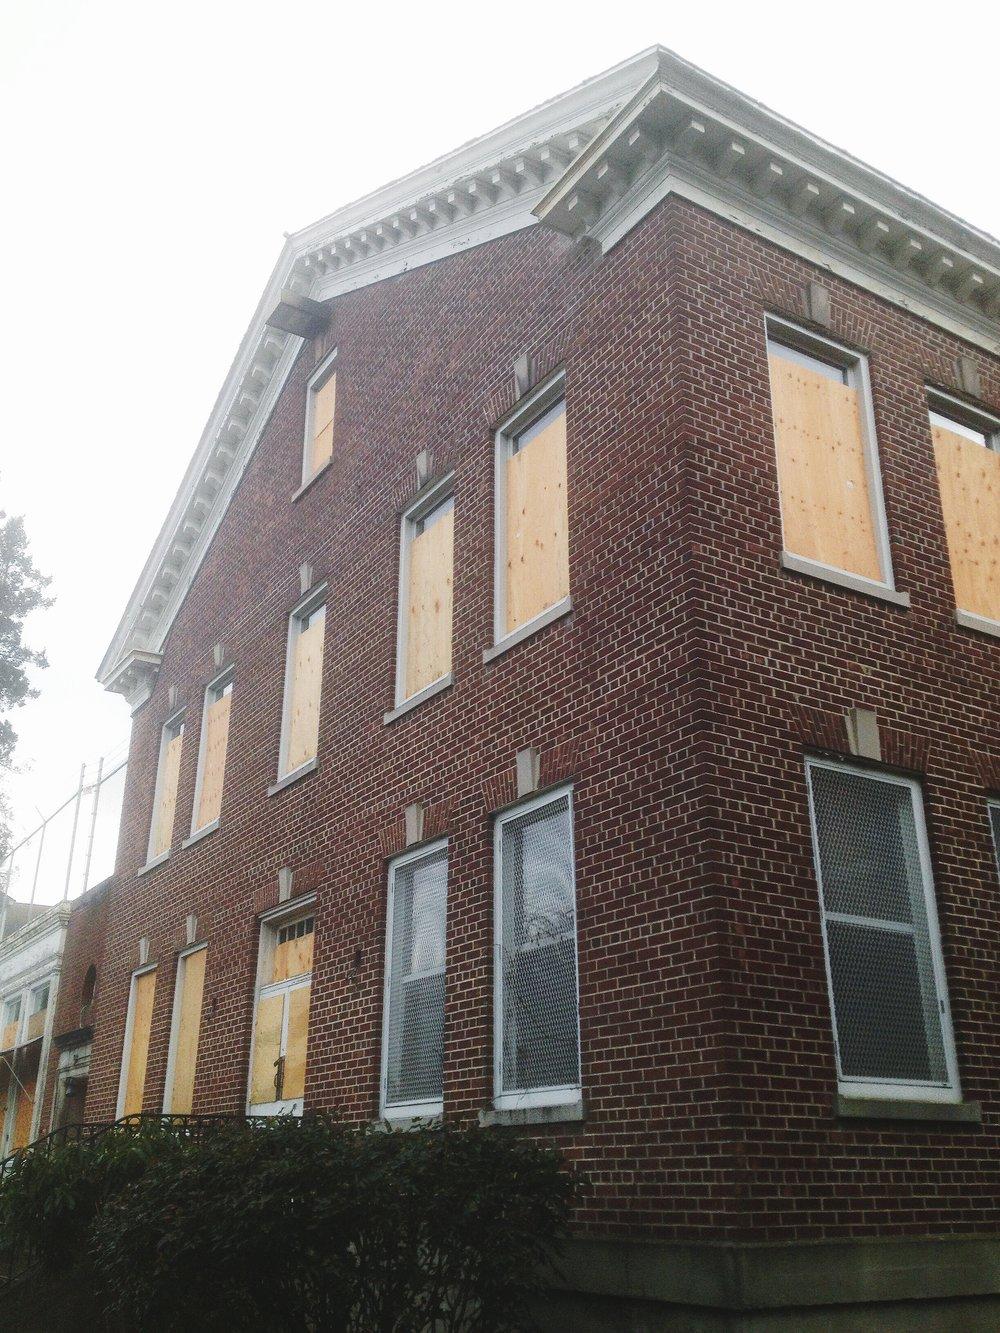 building 9 Exterior Facade.